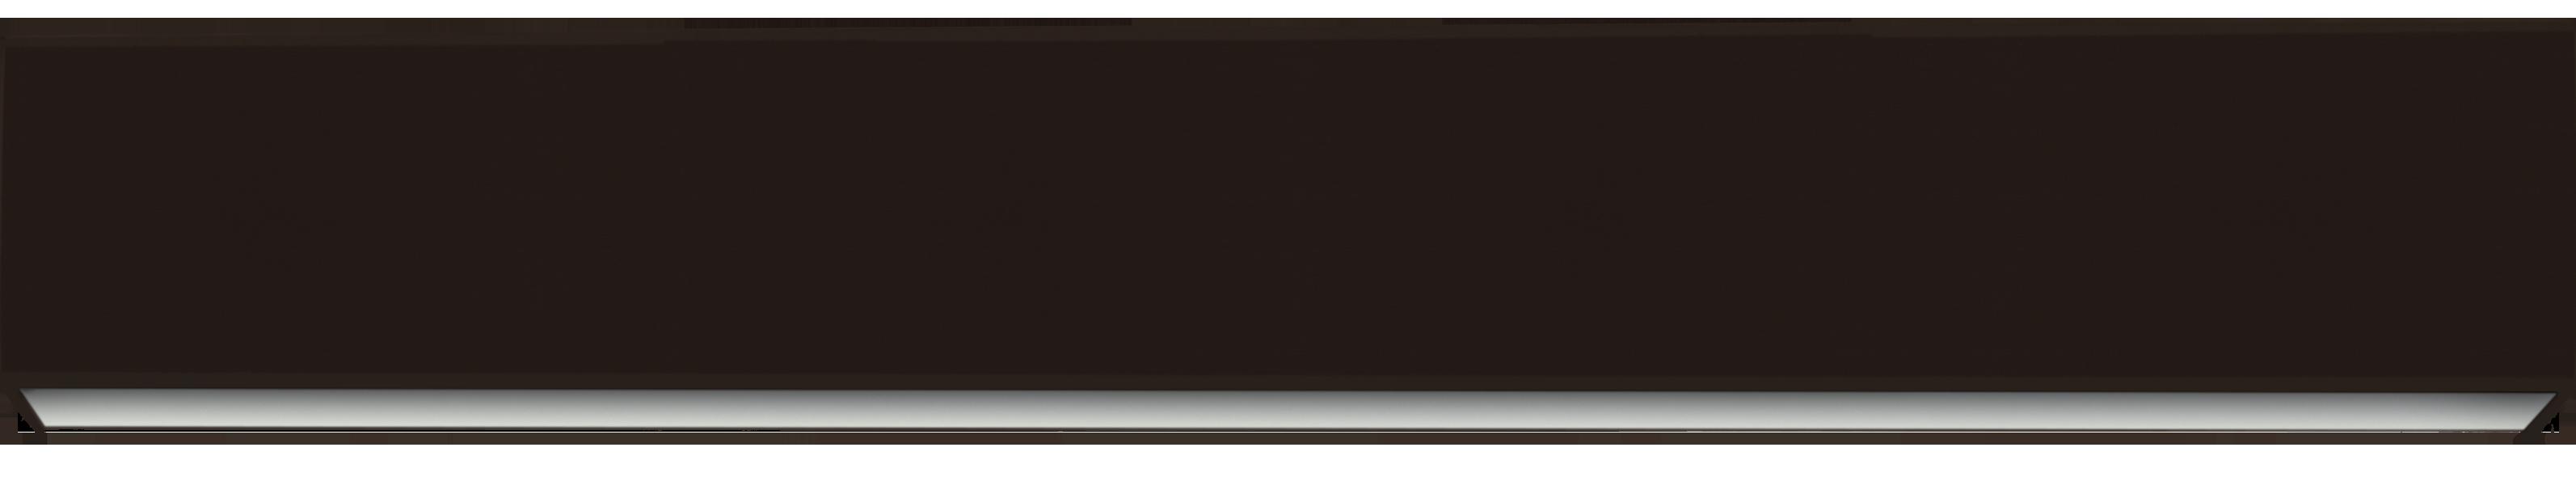 Светильник настенный  LINSET BS302/5W-1000